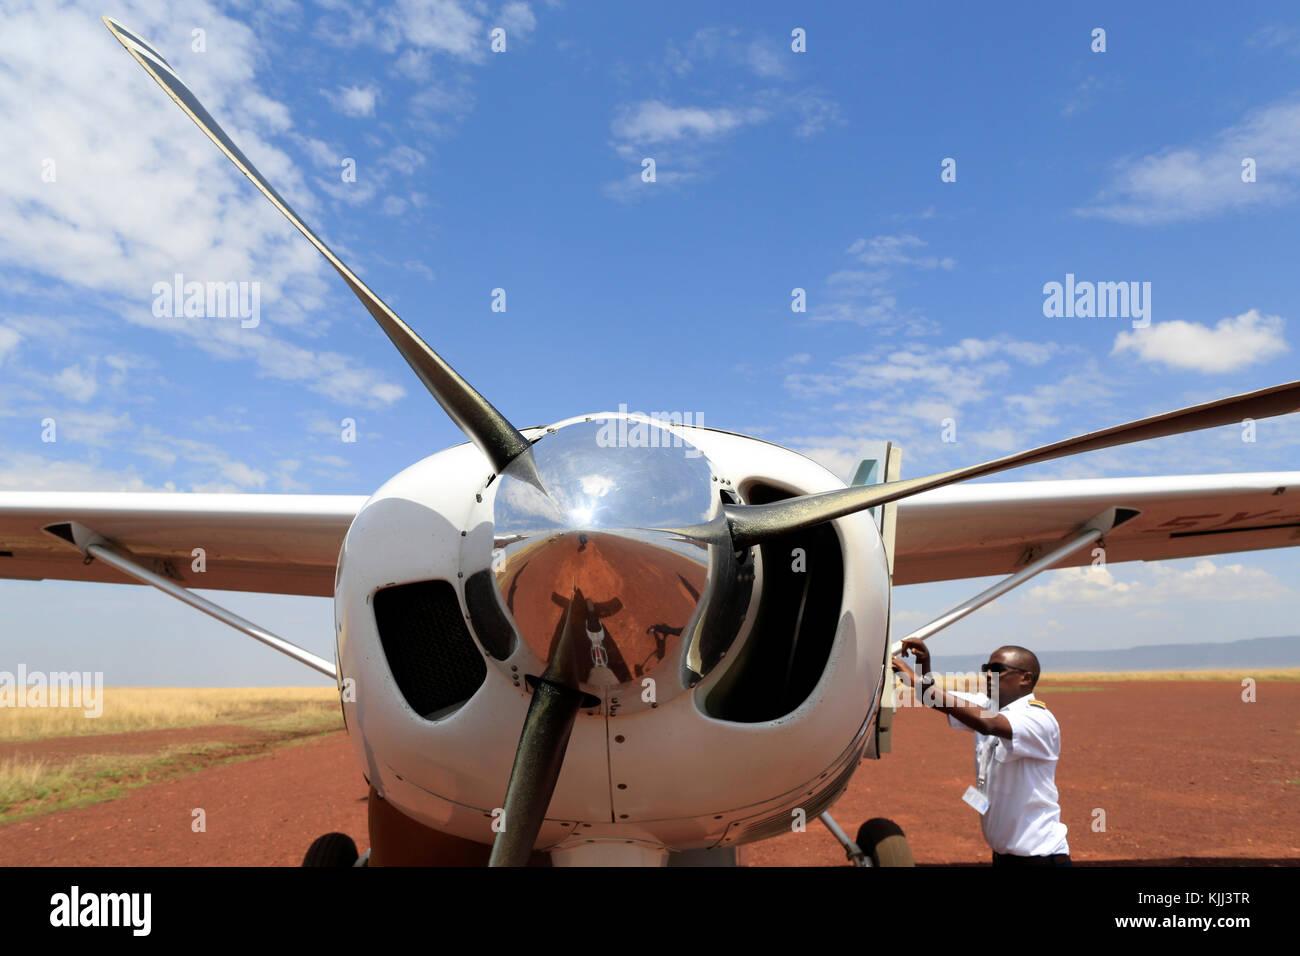 Mara serena air trip. Masai Mara game reserve. Kenya. - Stock Image